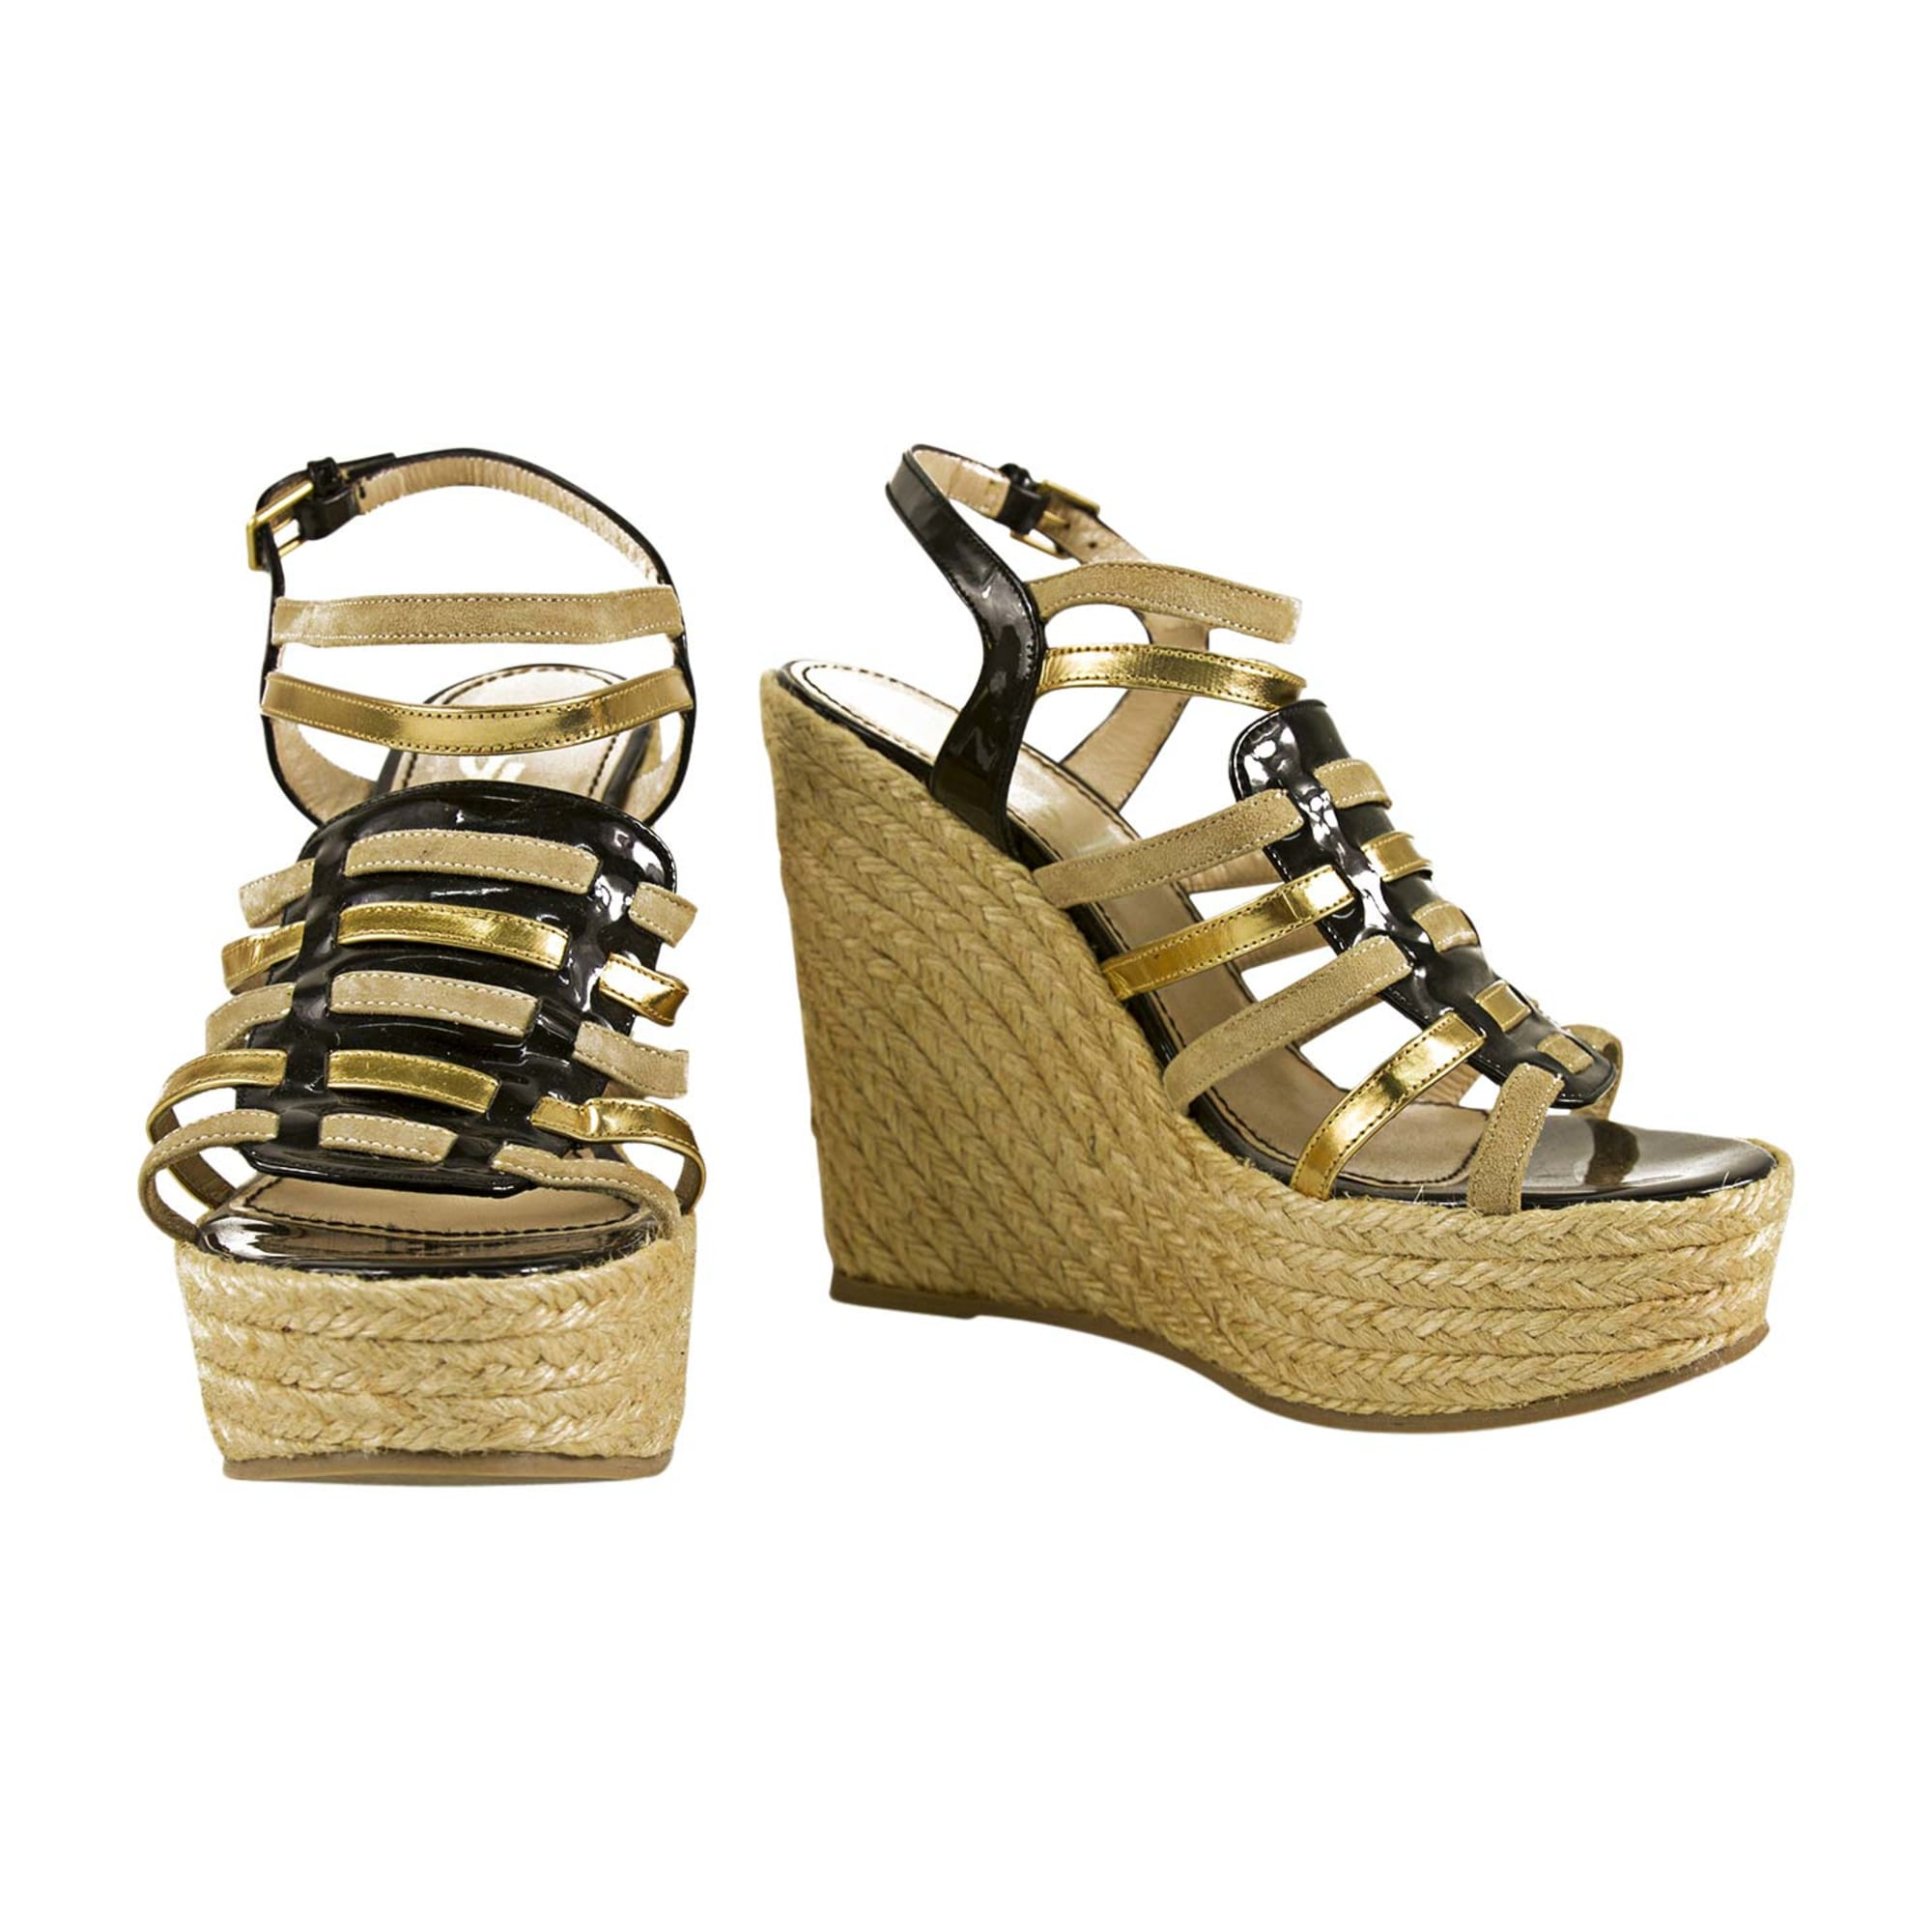 Wedge Sandals YVES SAINT LAURENT Multicolor